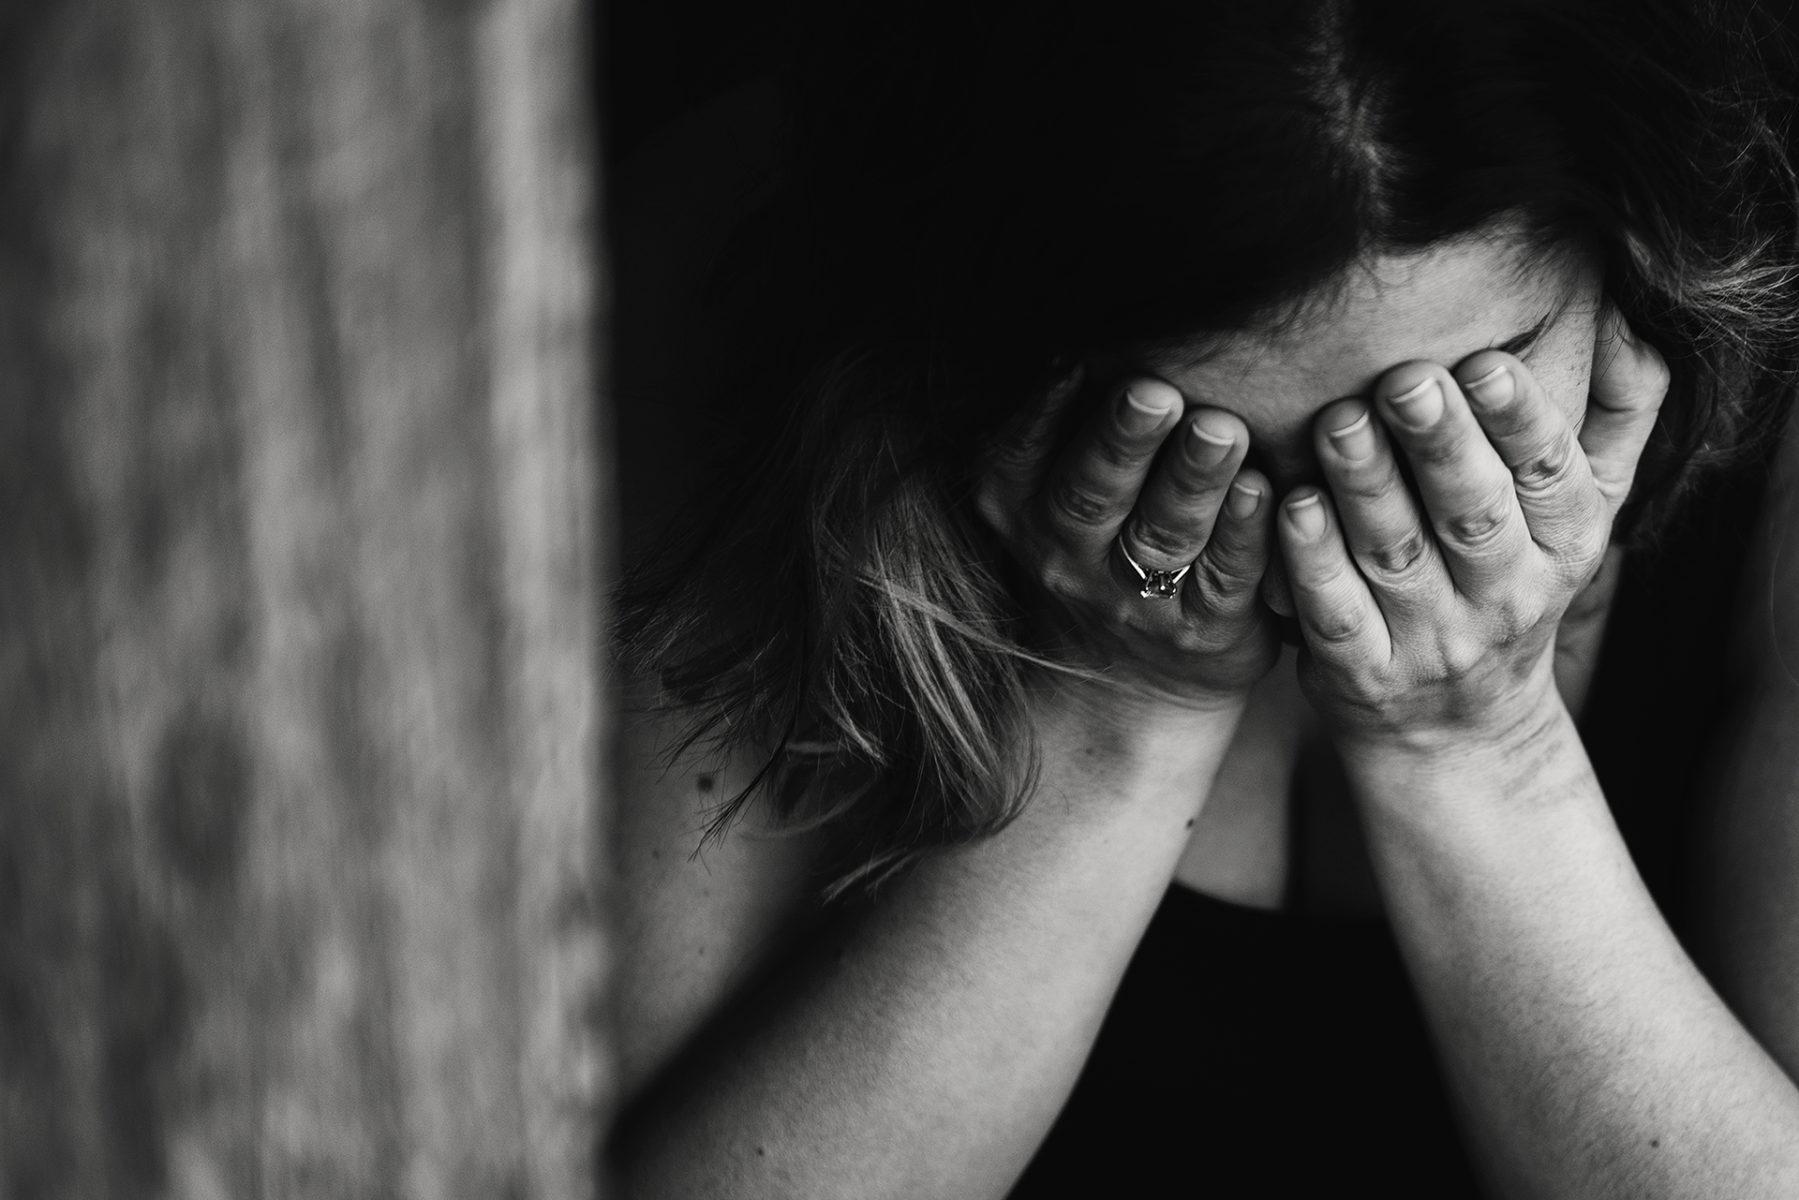 Tratamiento en valladolid de miedos y fobias